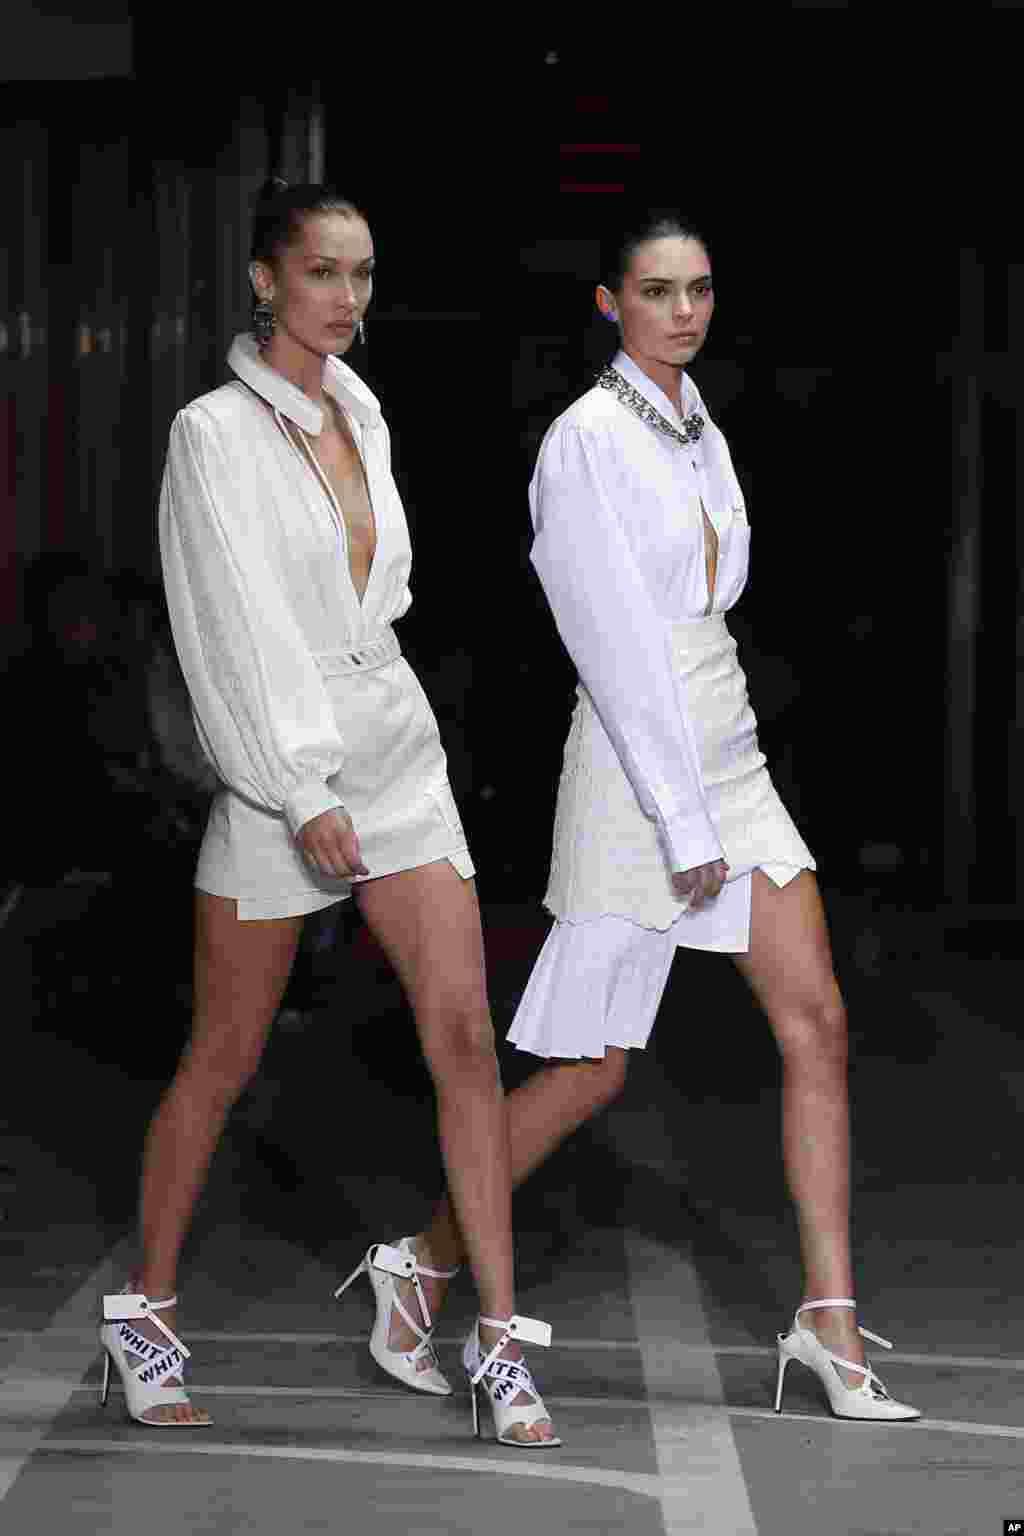 نمایش لباس های بهاره- تابستانه ۲۰۱۹ با حضور بلا حدید و کندال جنر در هفته مد پاریس